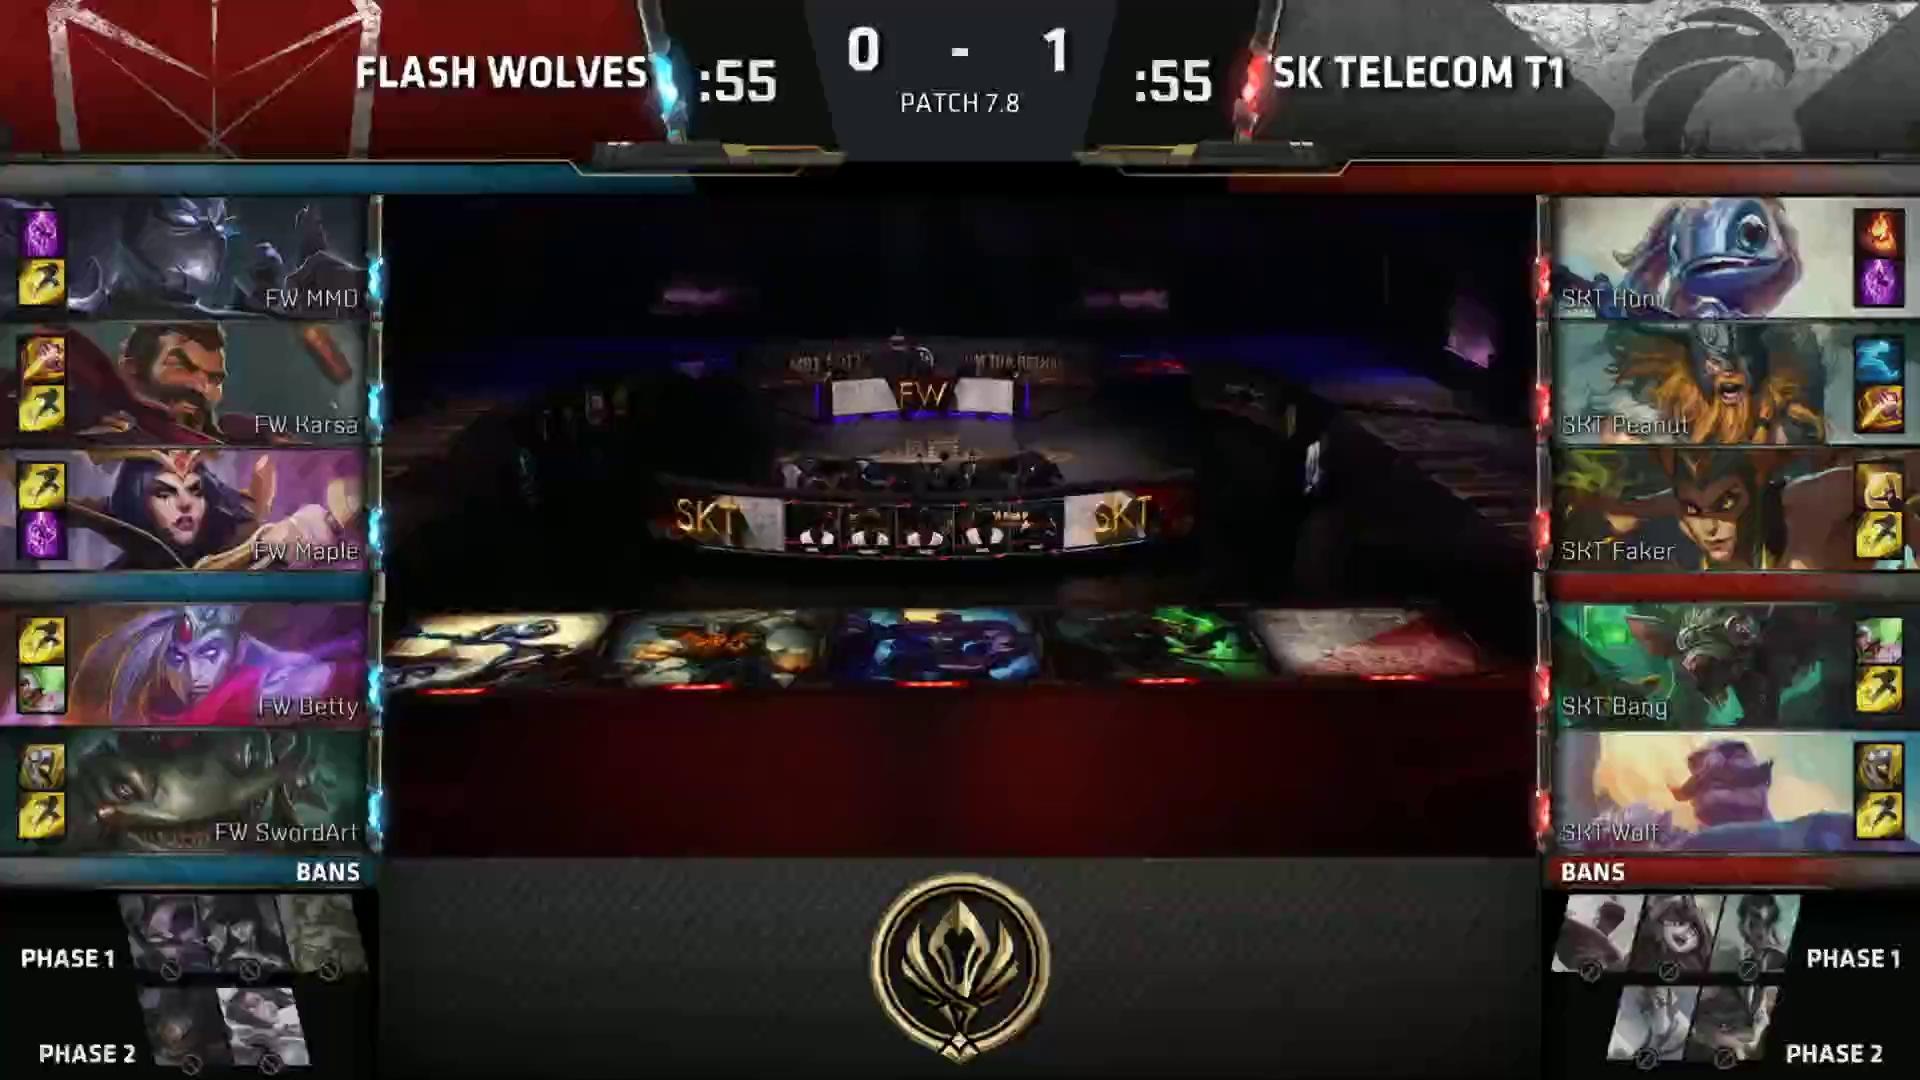 Xem màn huỷ diệt của SKT T1 trước Flash Wolves, thế mới biết đội tuyển LMHT Việt Nam đánh hay như thế nào